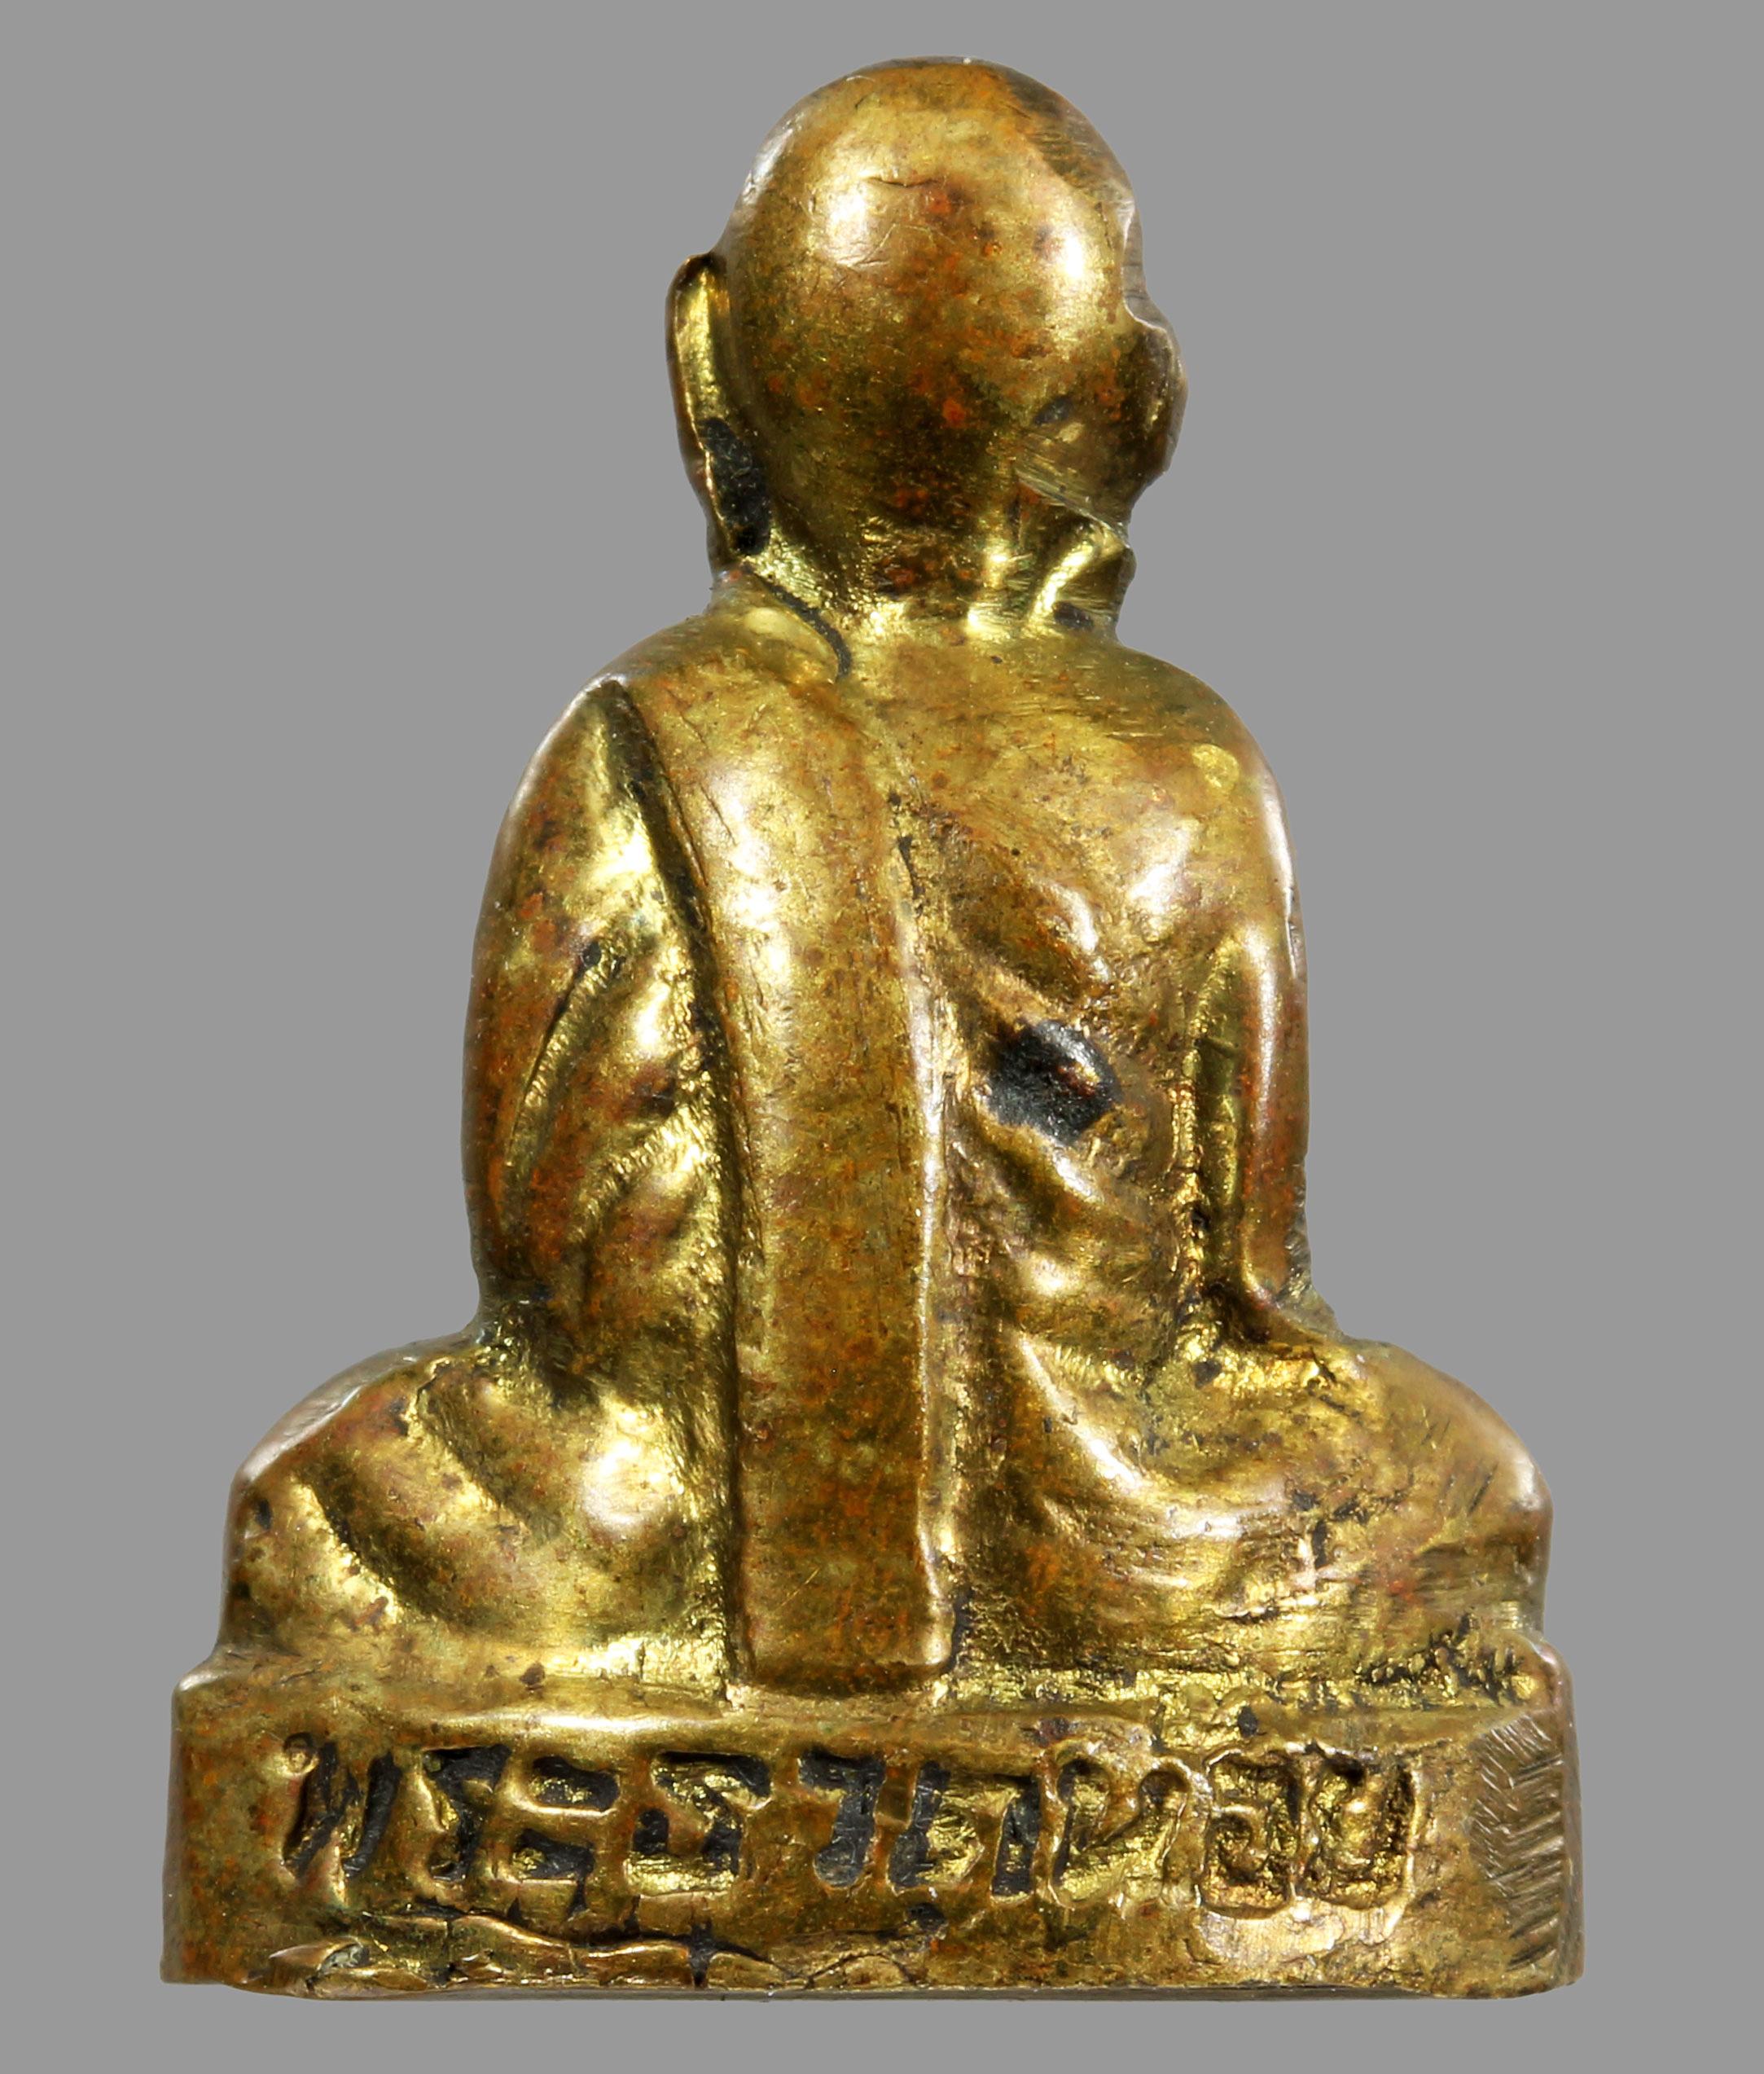 พระปั๊มรูปเหมือน พิมพ์เล็ก หลวงพ่อคล้าย จันทสุวัณโณ ปี 2505 (ออกวัดพระธาตุน้อย)